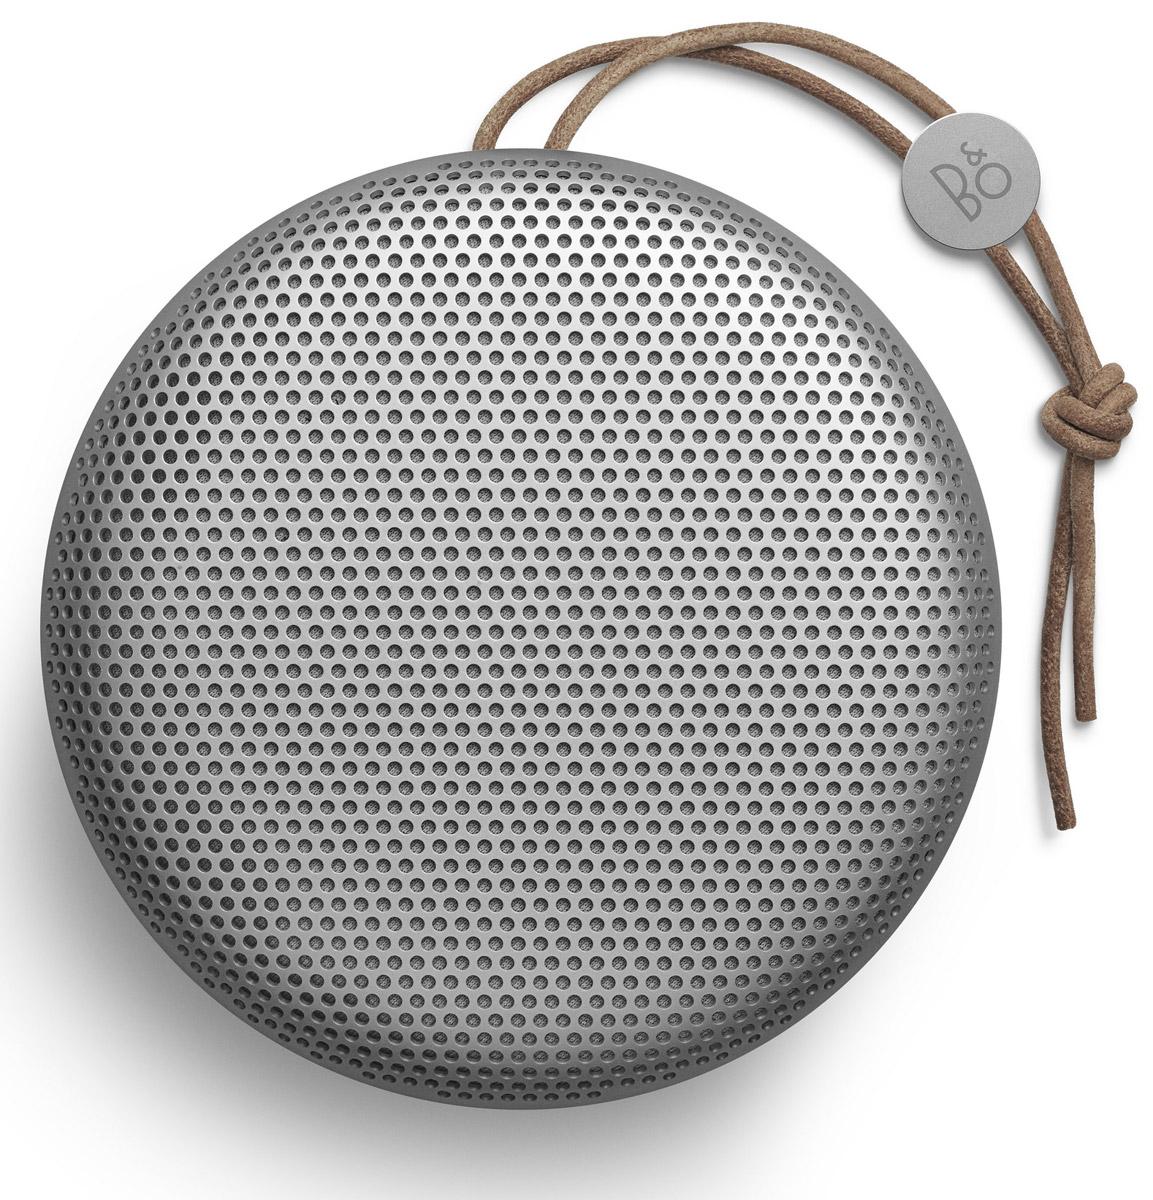 Bang & Olufsen BeoPlay A1, Natural портативная акустическая система1297846Стильный ультрапортативный корпус портативной акустики Bang & Olufsen BeoPlay A1 умещается на ладони и не боится пыли и брызг: идеальный вариант для прогулок, пикников и походов. Система с пиковой мощностью 2 х 140 Вт воспроизводит всенаправленный звук 360° с глубокими басами и работает без подзарядки до 24 часов при обычном уровне громкости. Хотите получить мощный стереоэффект? Включите две Beoplay A1 одновременно!Мощность усилителей: 2 x 30 Вт Емкость аккумулятора: 2200 мАч Как выбрать портативную колонку. Статья OZON Гид